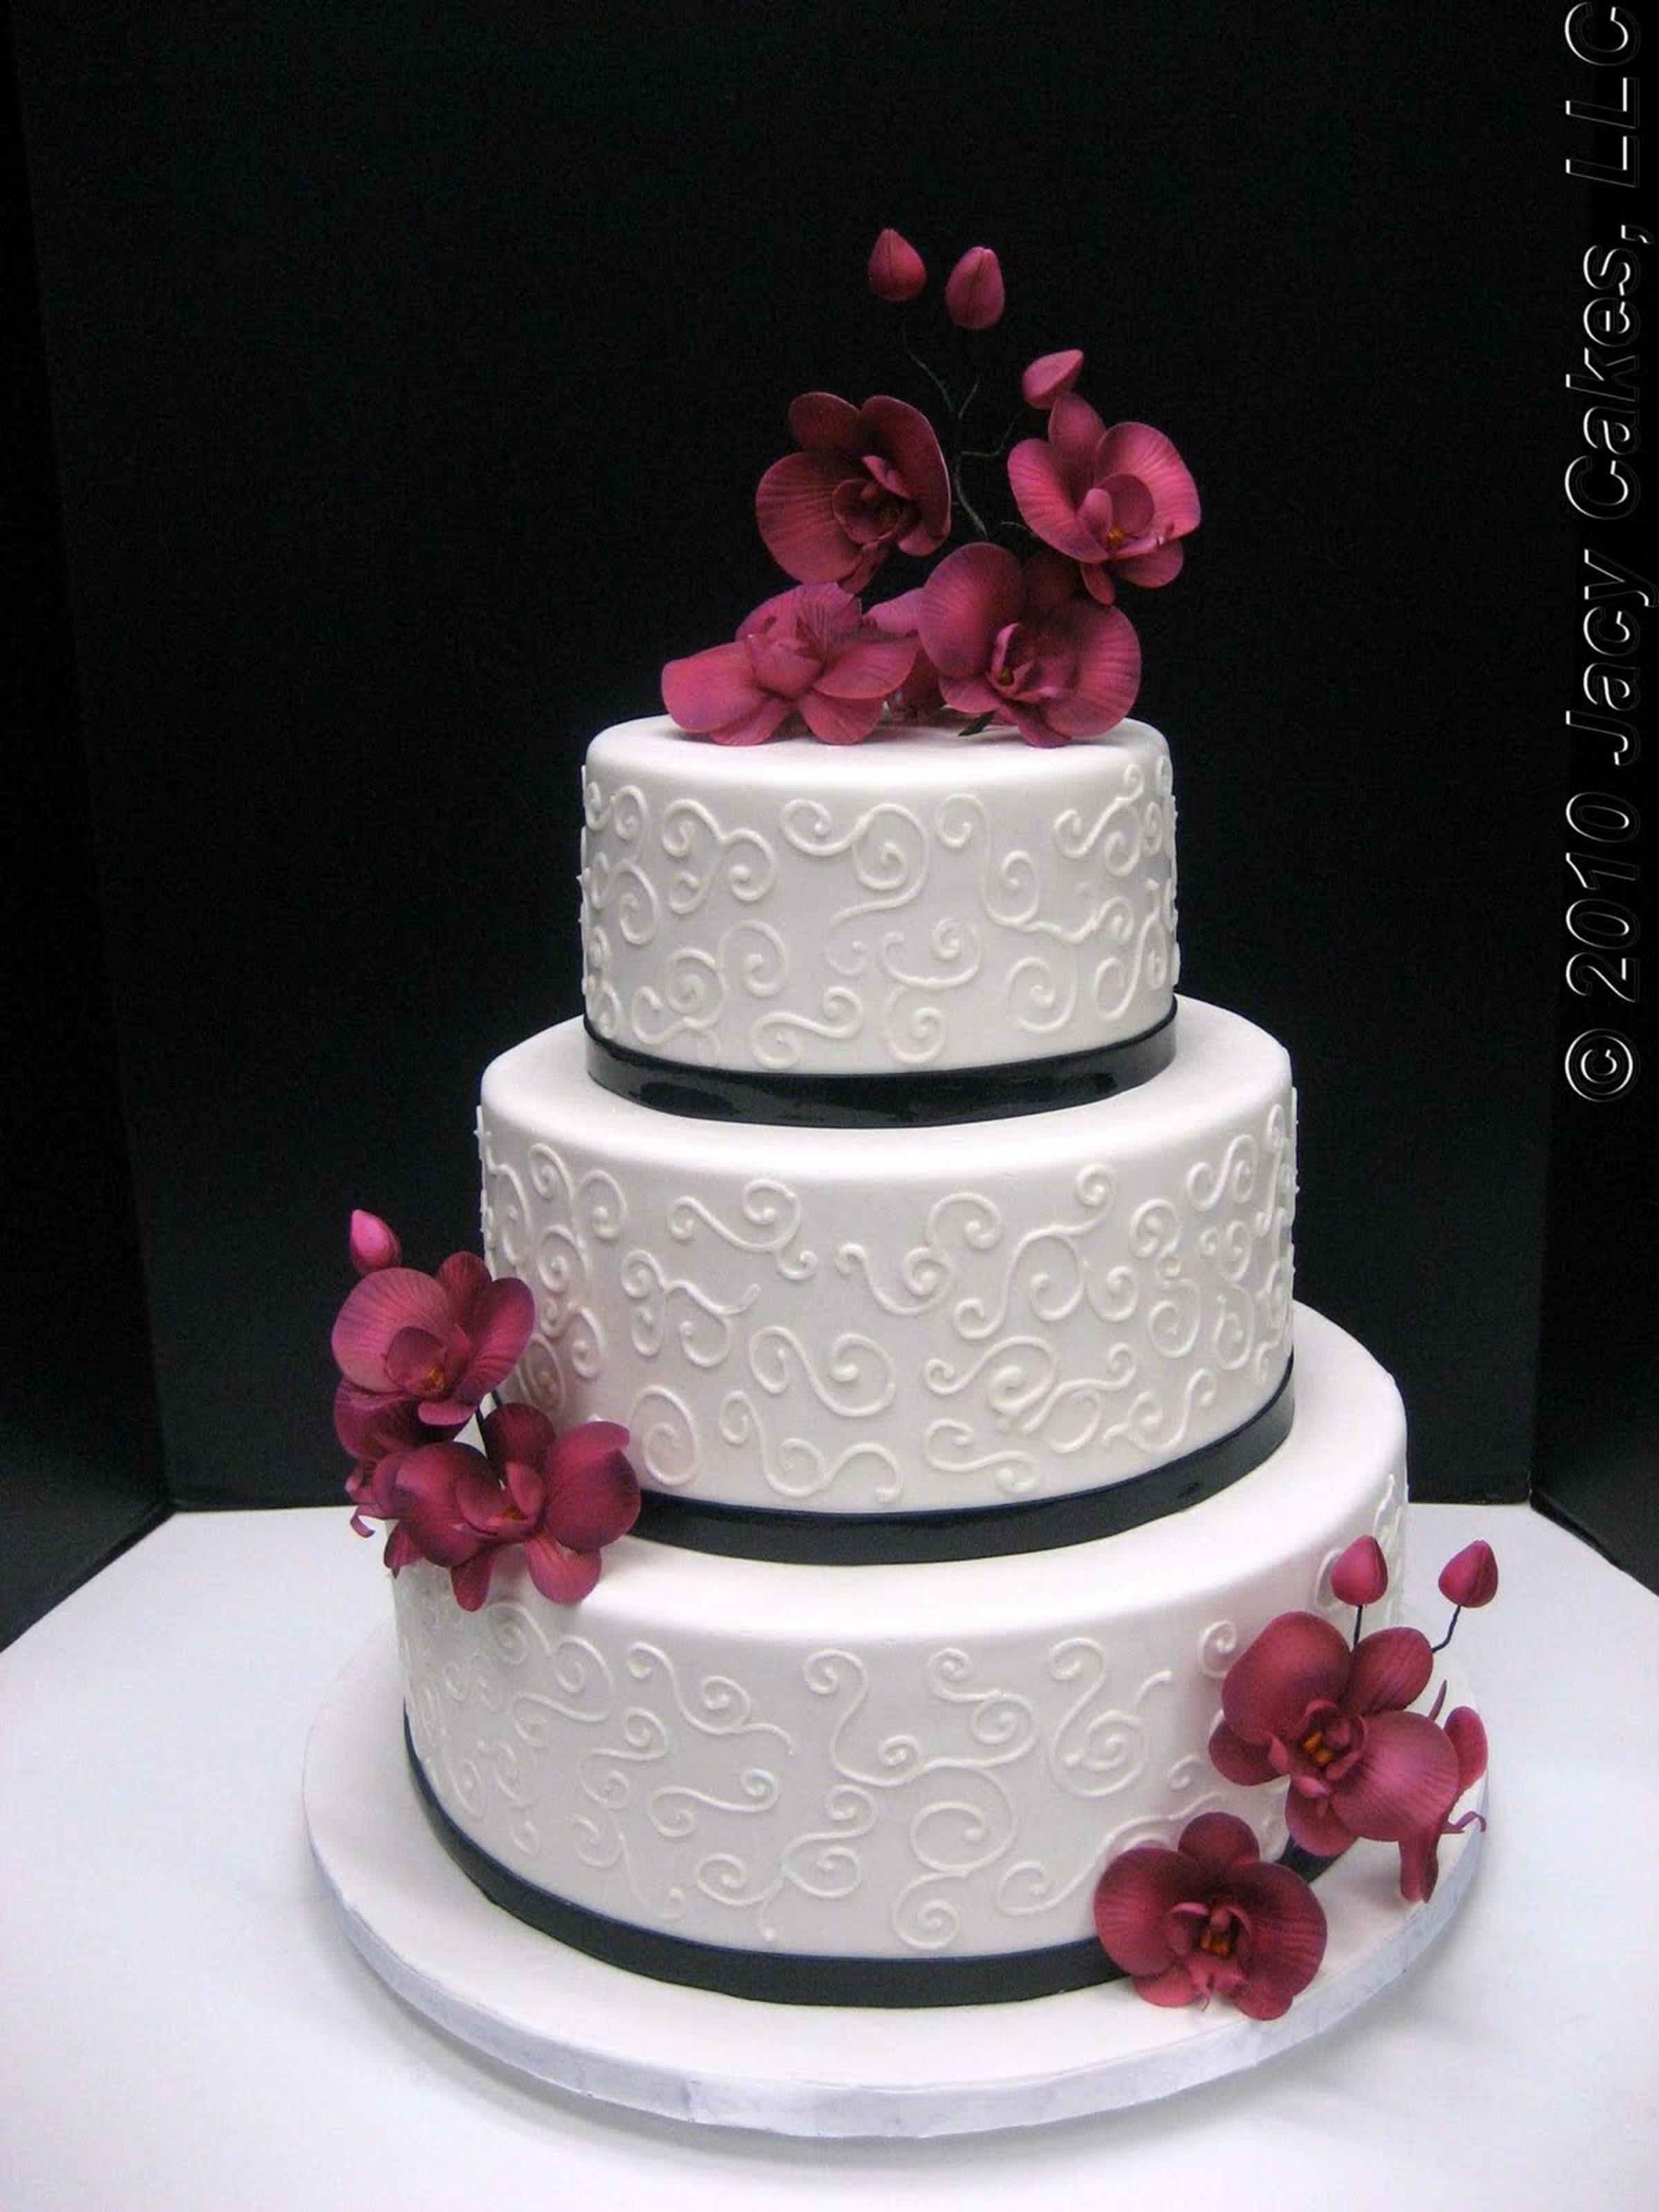 Pin On Wedding Cake